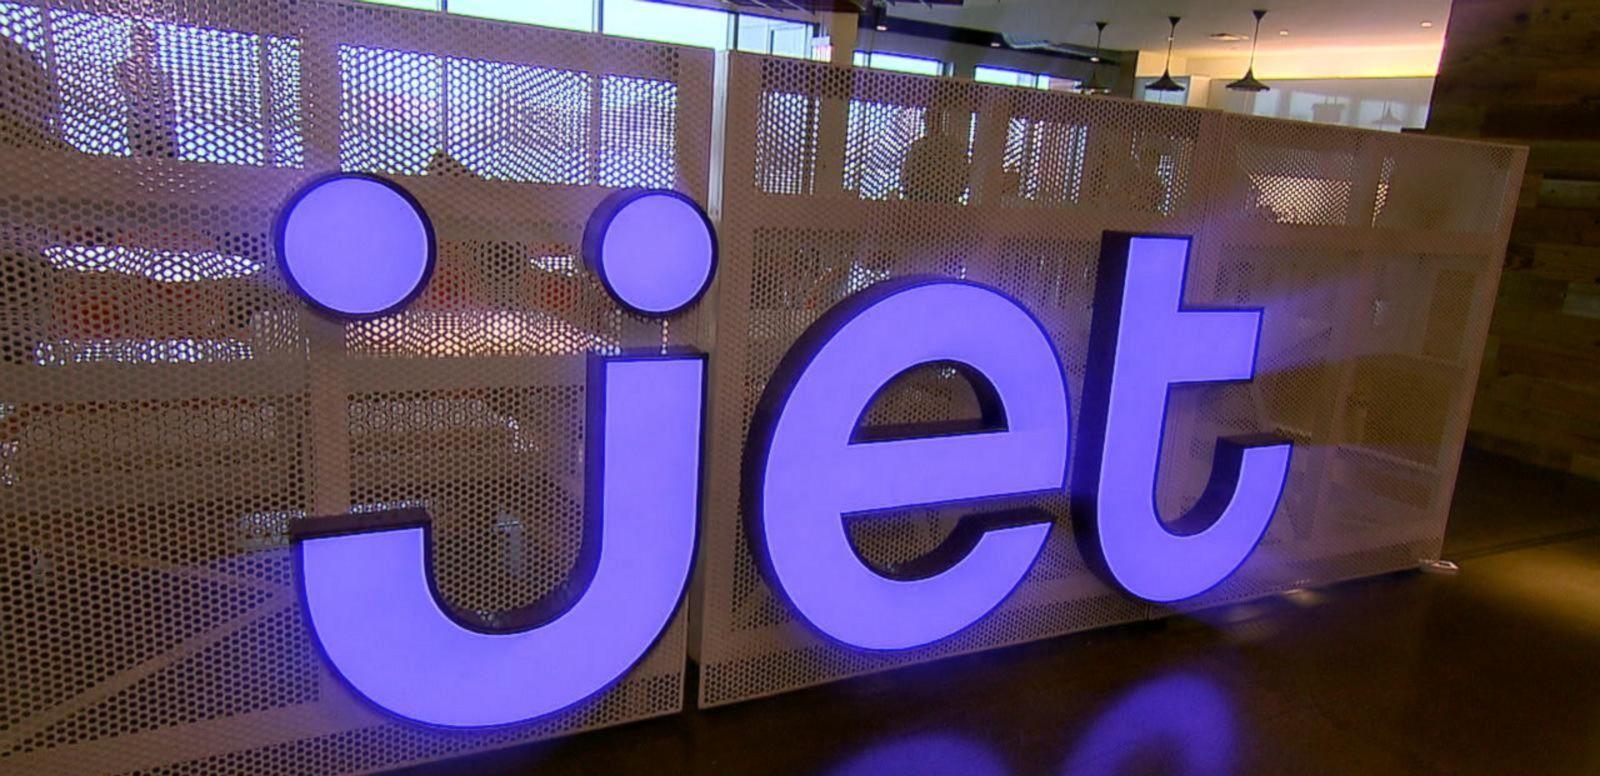 VIDEO: Jet.com Eliminates Its Membership Fee